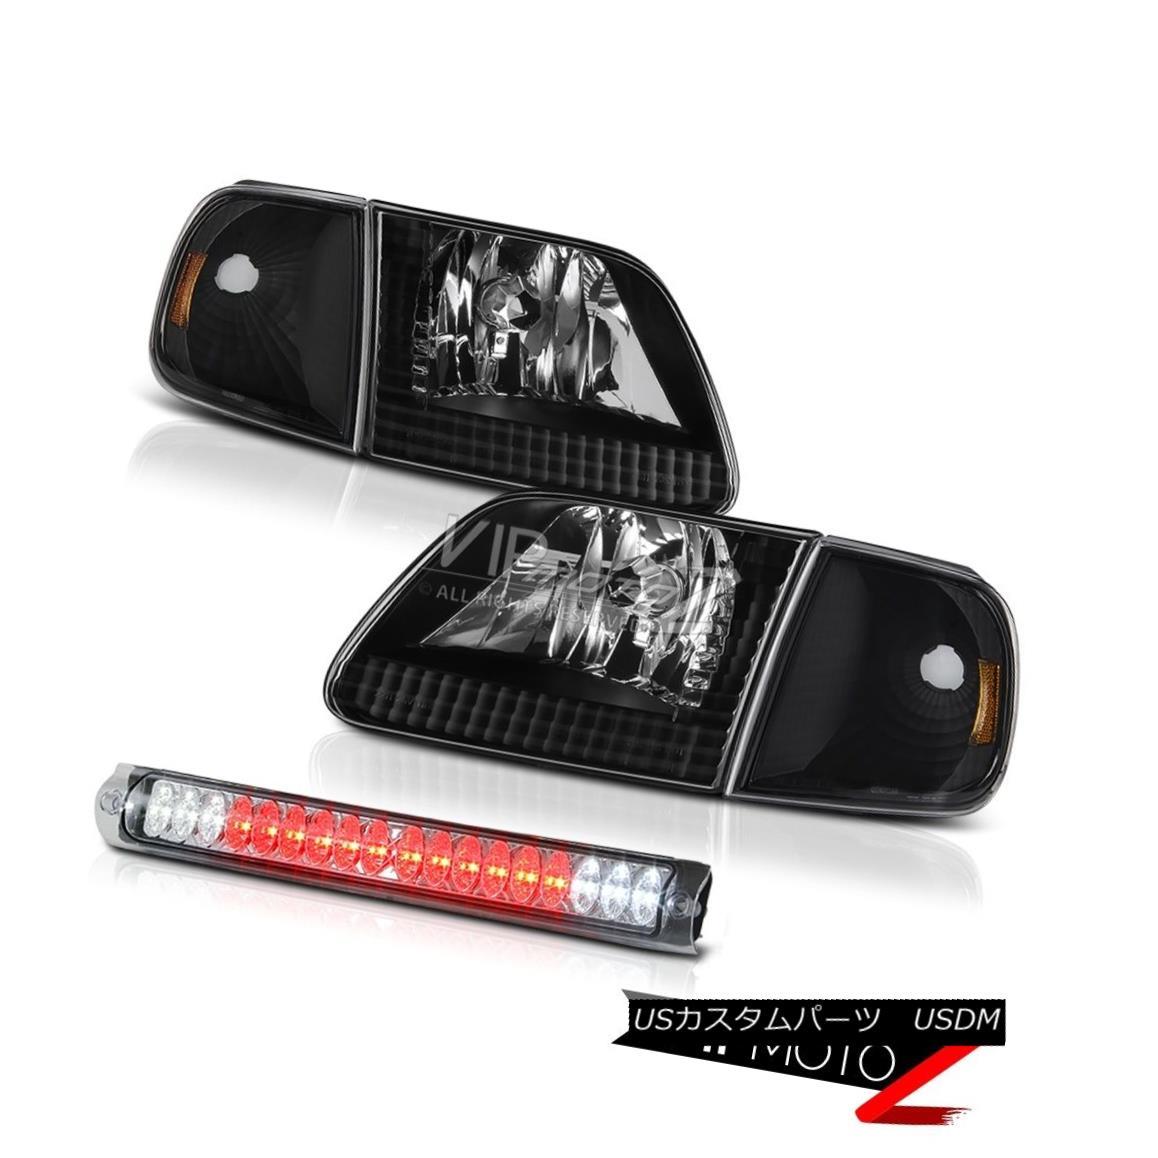 ヘッドライト 1997-2003 Ford F150 XL [Infinity Black] Headlamp Turn Signal Roof Stop LED Clear 1997-2003フォードF150 XL [インフィニティブラック]ヘッドランプターンシグナルルーフストップLEDクリア